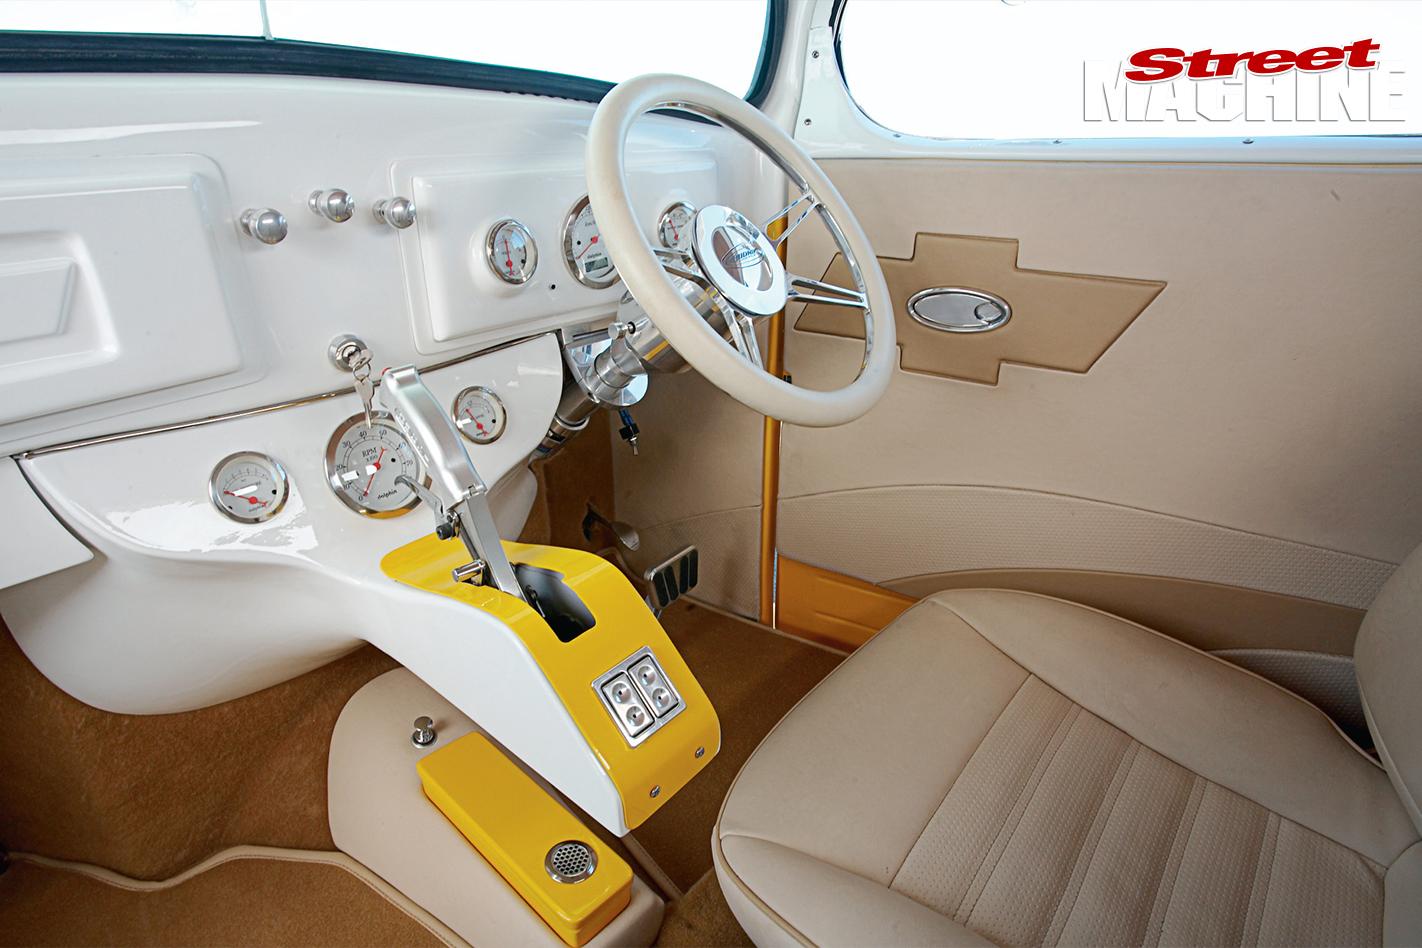 Chev -tow -truck -interior